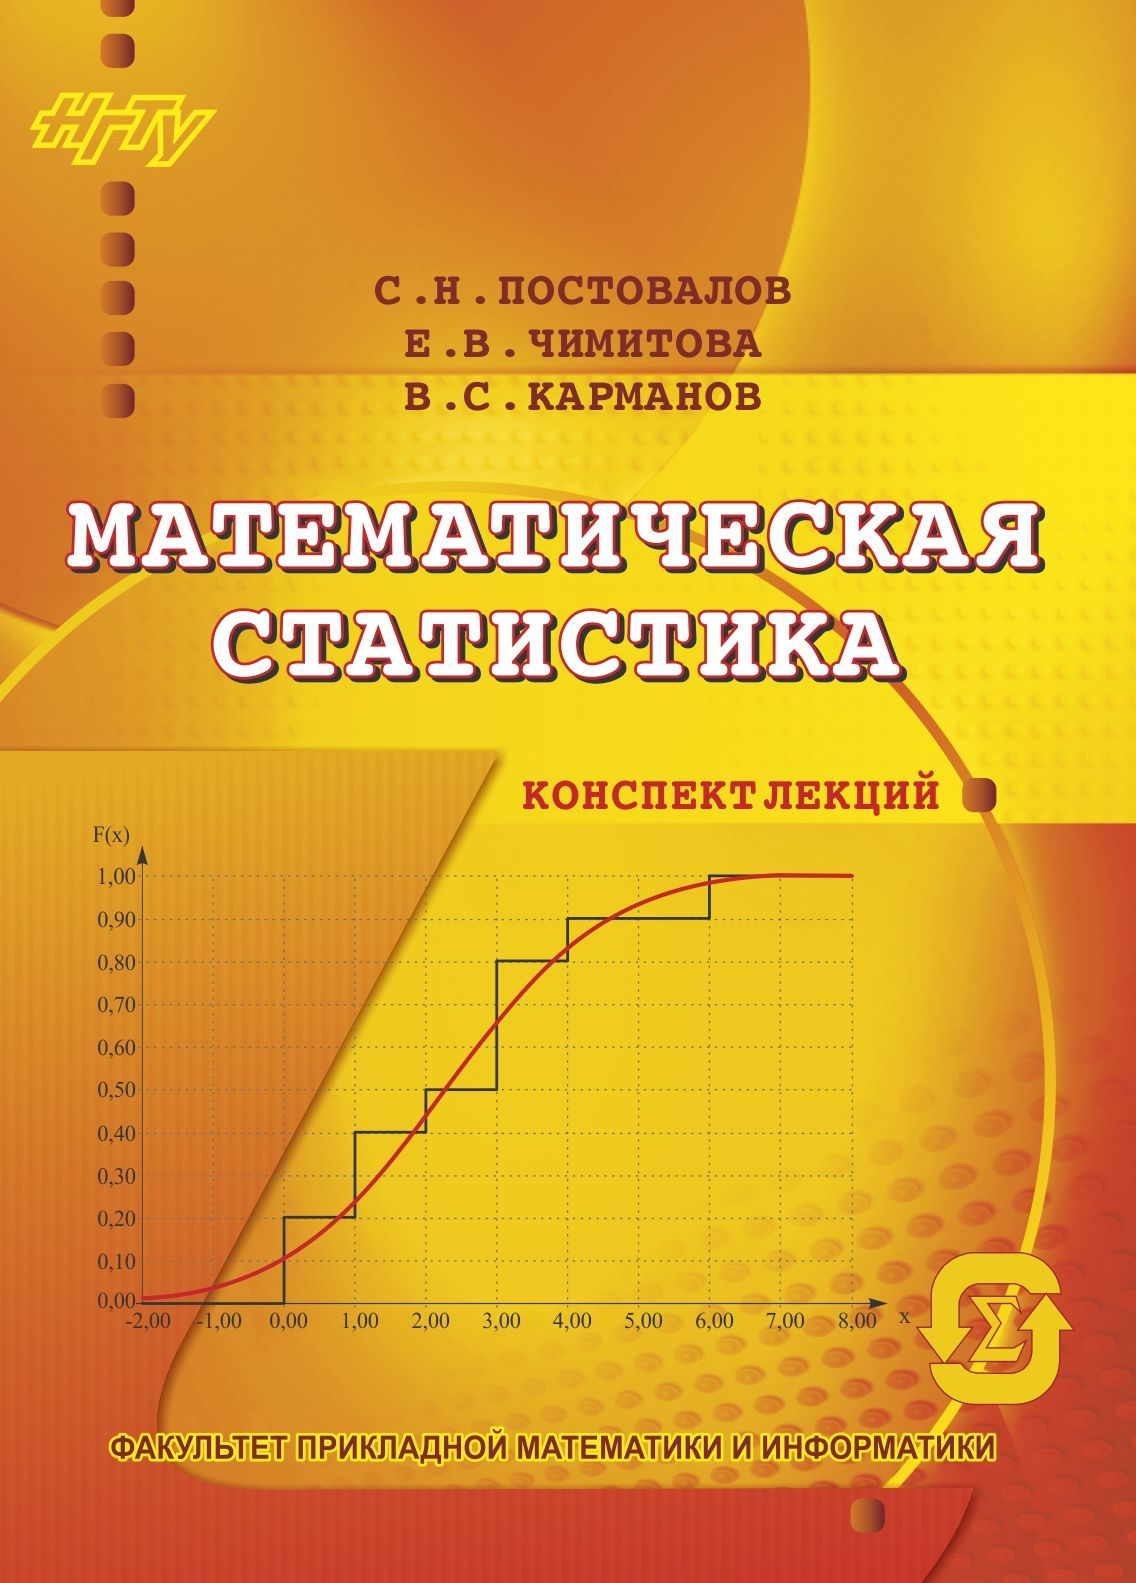 Виталий Карманов Математическая статистика. Конспект лекций юрий соловейчик методы конечноэлементного анализа конспект лекций